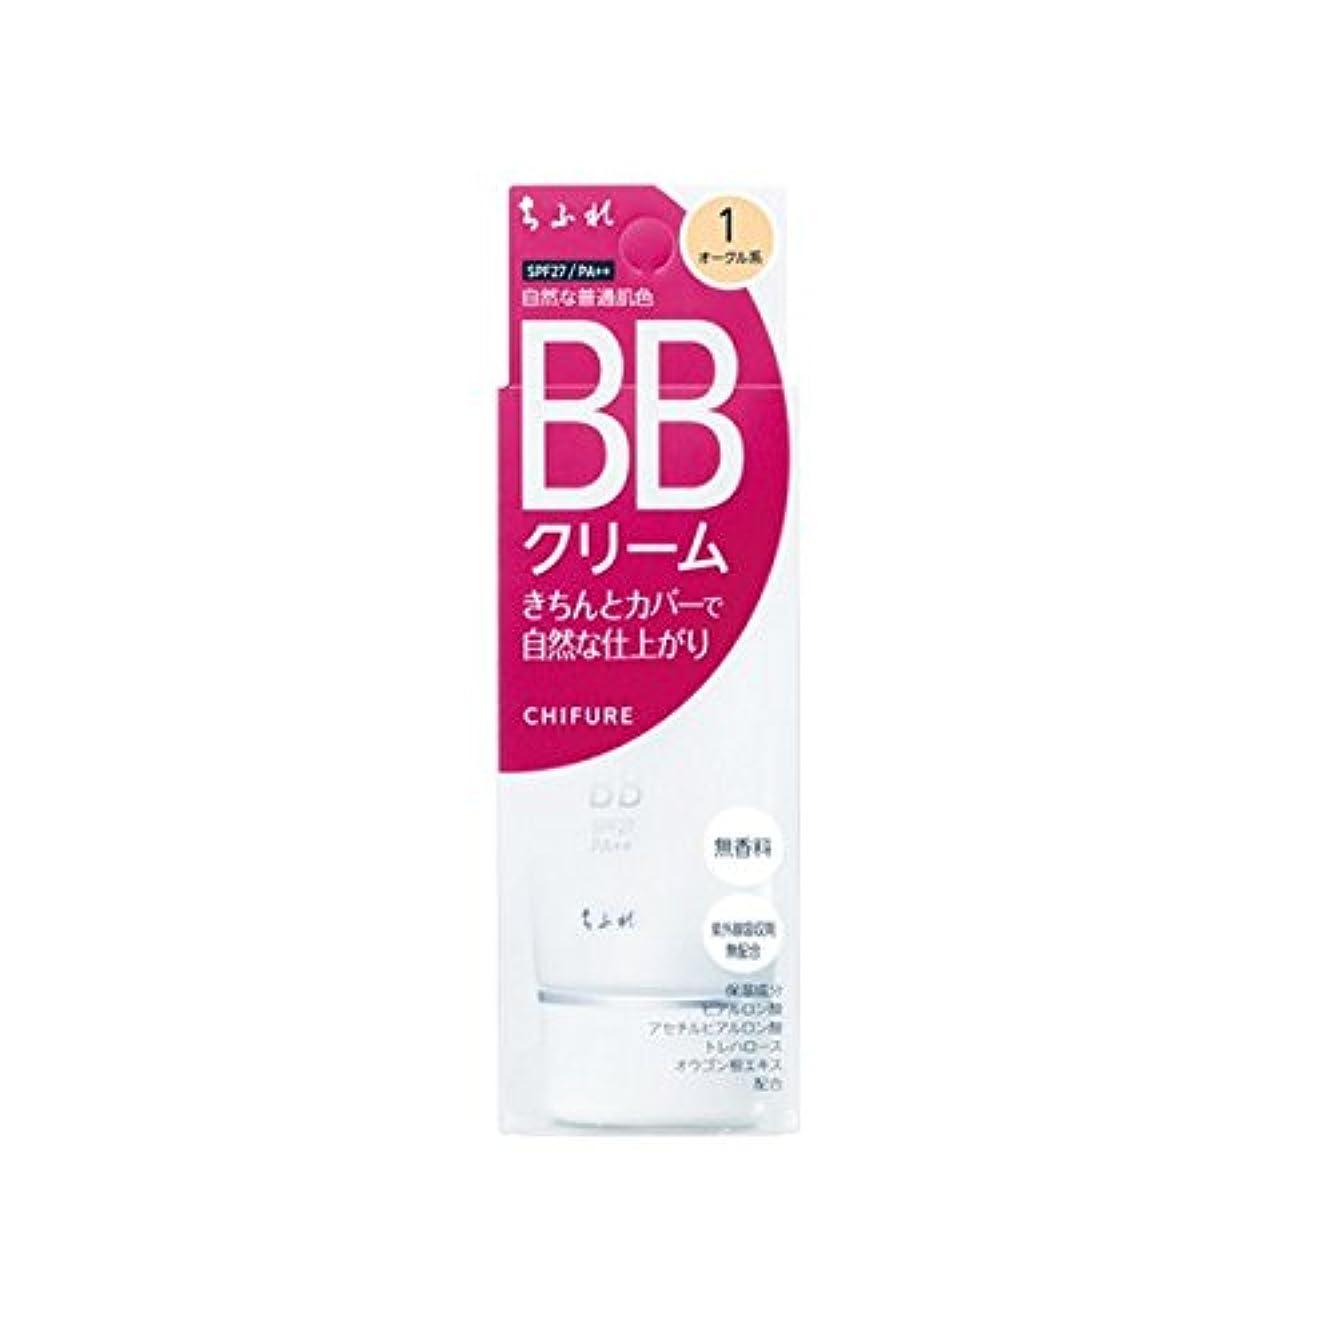 開発する廃止連合ちふれ化粧品 BB クリーム 1 自然な普通肌色 BBクリーム 1